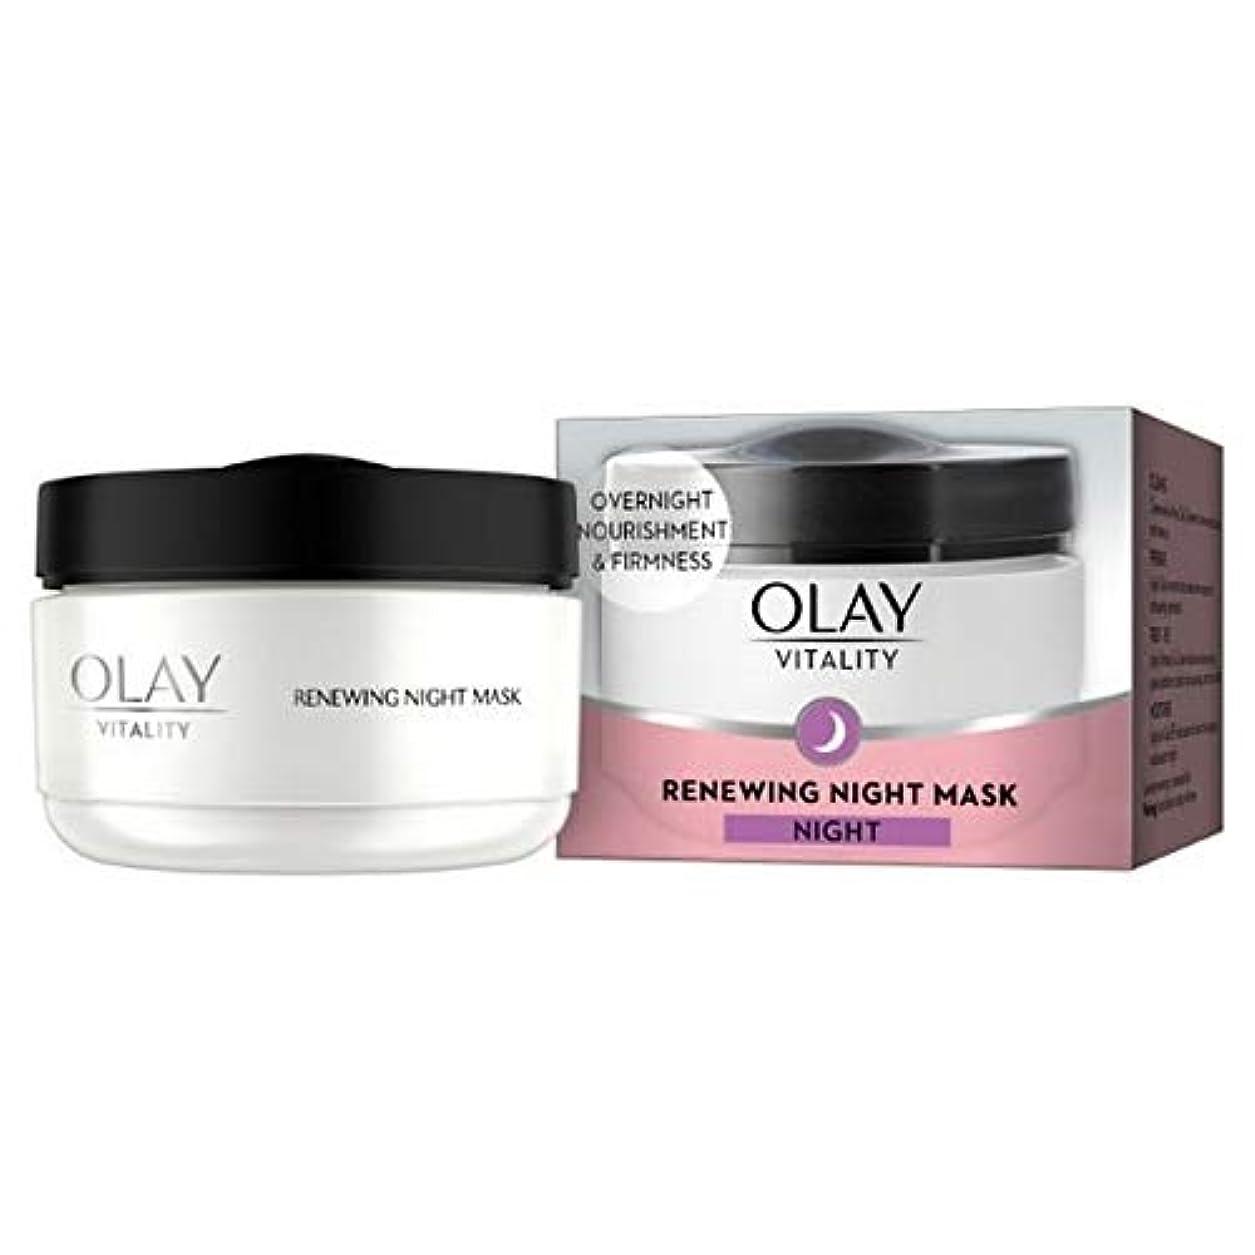 シェーバー成果振り返る[Olay] オーレイの活力更新ナイトマスククリーム50Ml - Olay Vitality Renewing Night Mask Cream 50ml [並行輸入品]